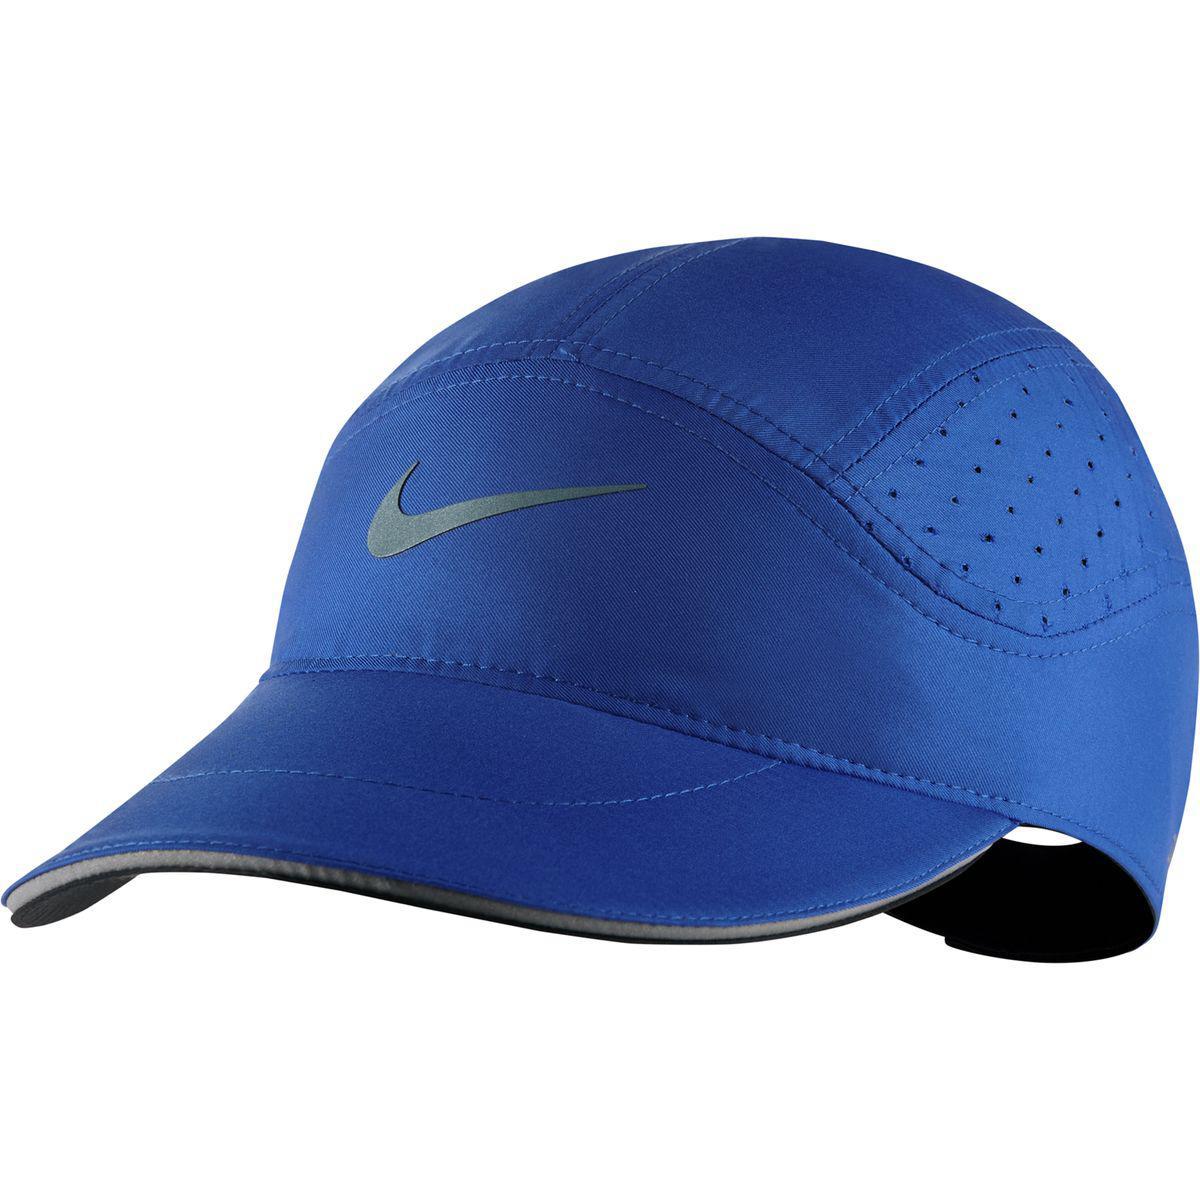 7c8b199e Nike Aerobill Elite Running Hat in Blue for Men - Lyst